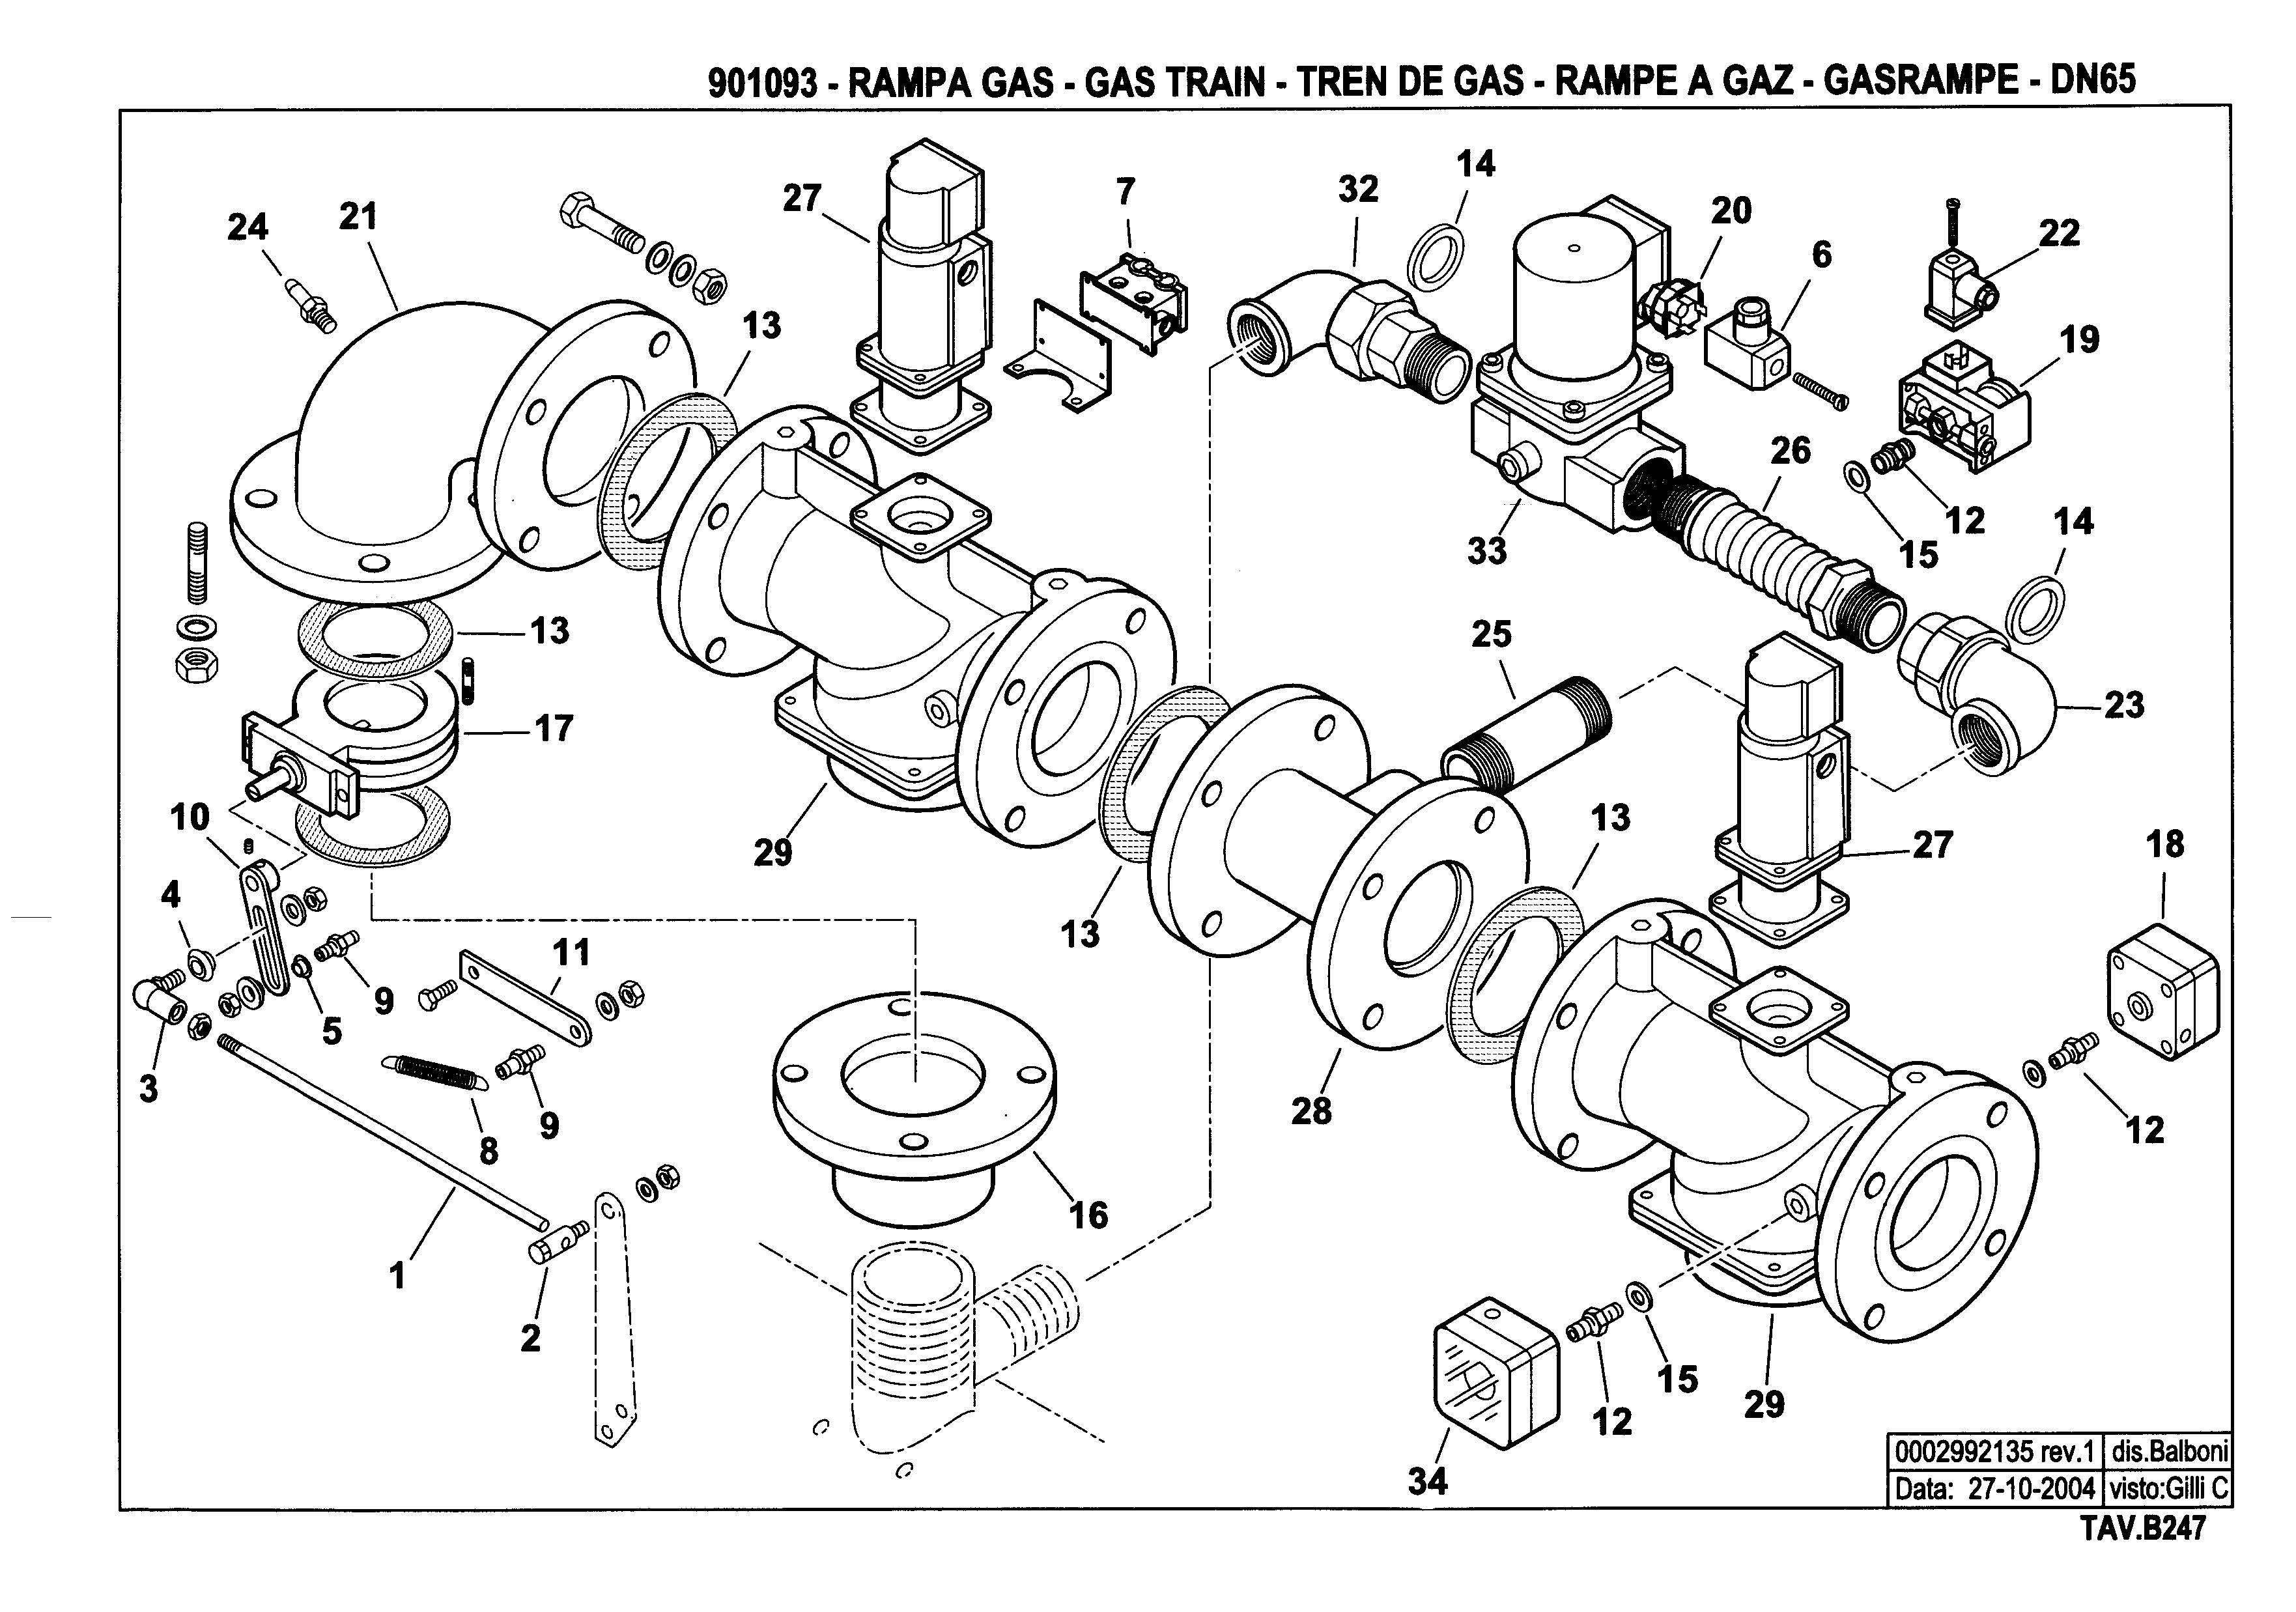 Газовая рампа B247 901093 1 20041027